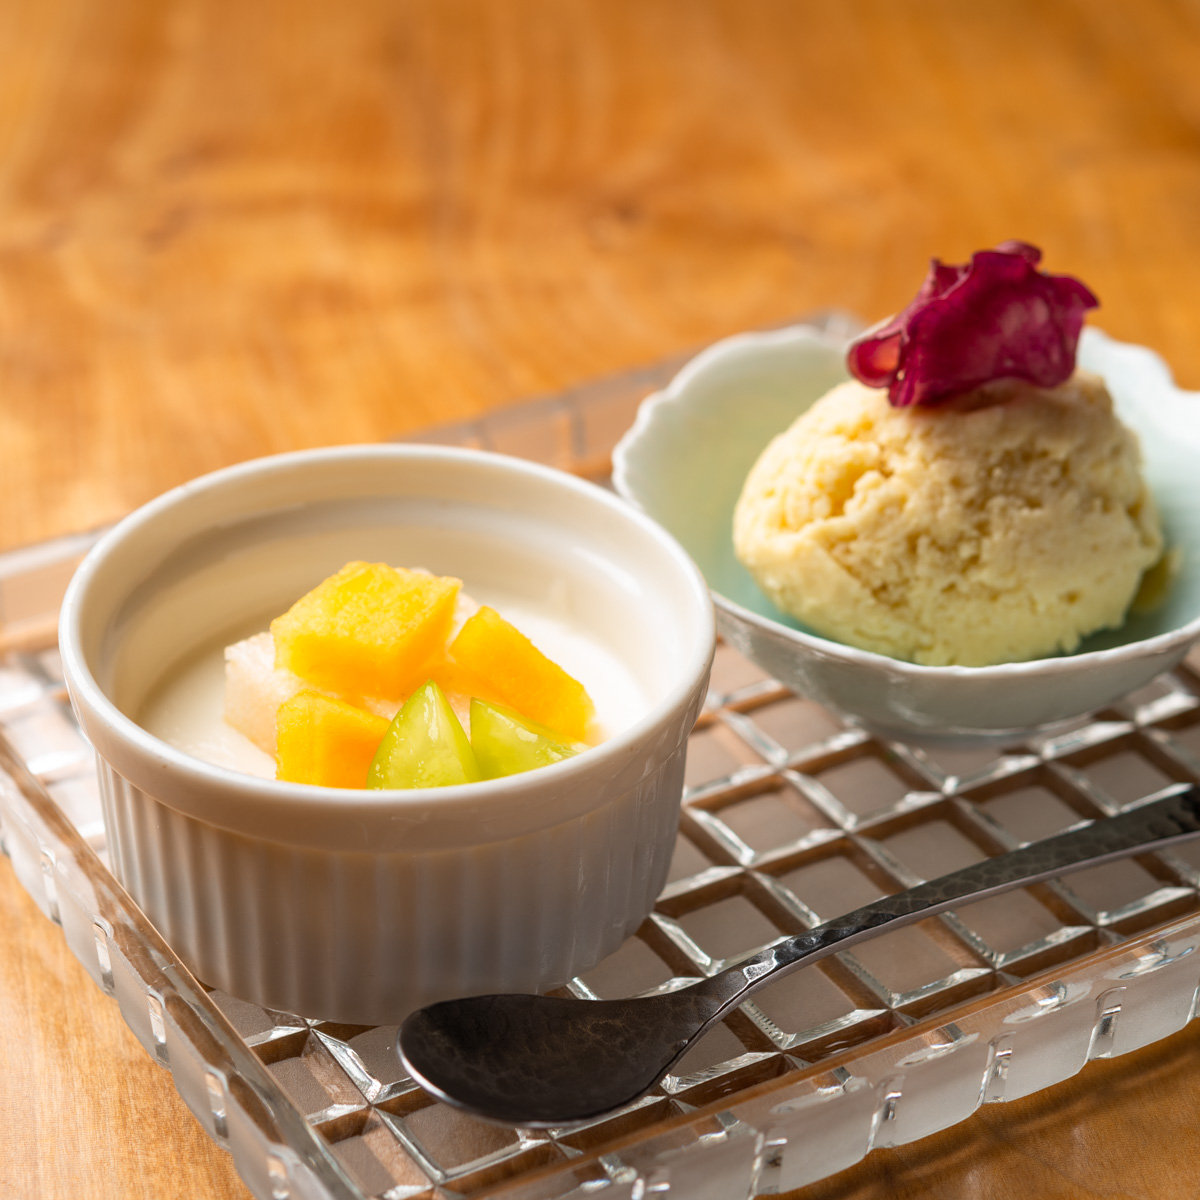 甘味|安納芋のアイスクリームと洋梨のパンナコッタ